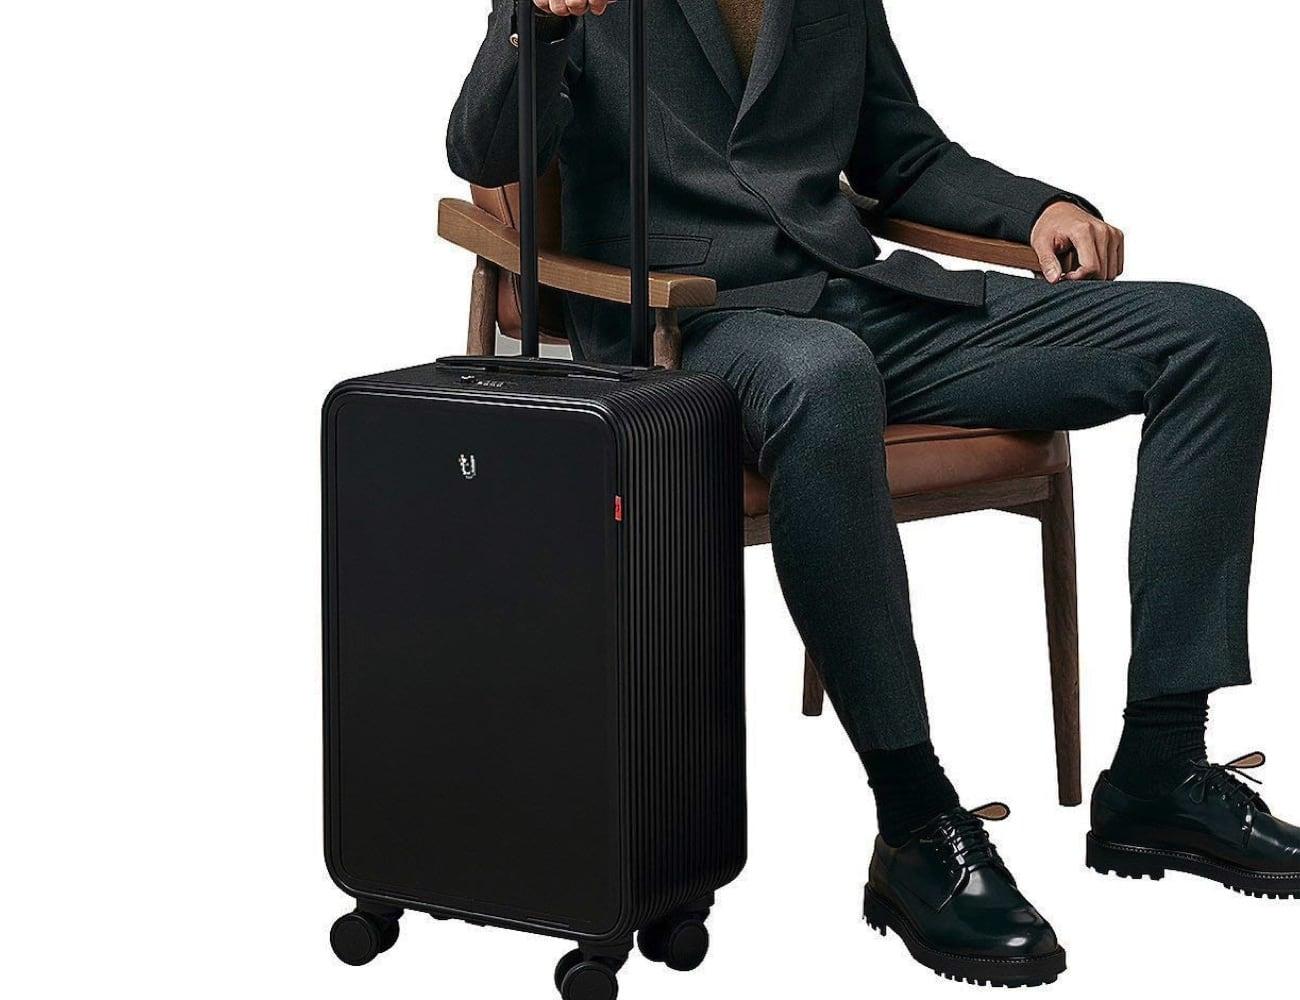 TUPLUS X1 Aluminum Hard Case Luggage